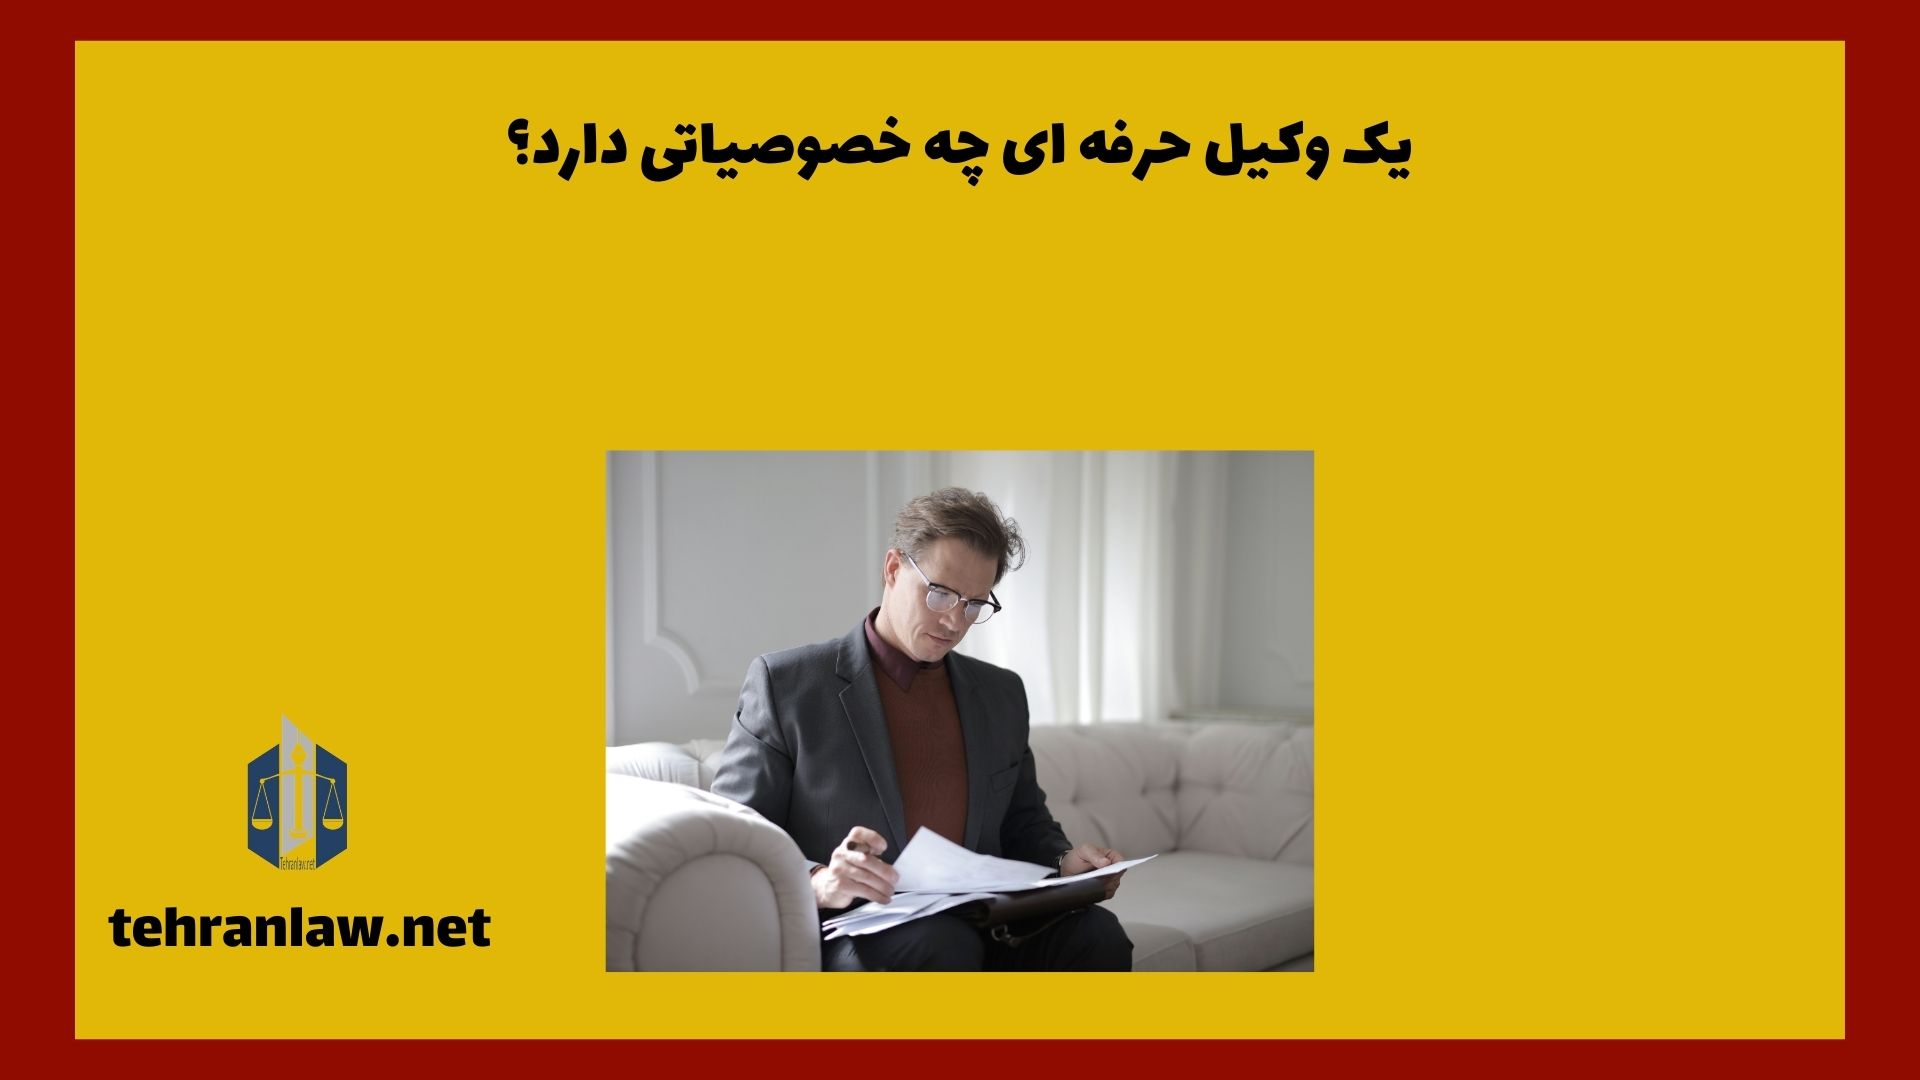 یک وکیل حرفه ای چه خصوصیاتی دارد؟